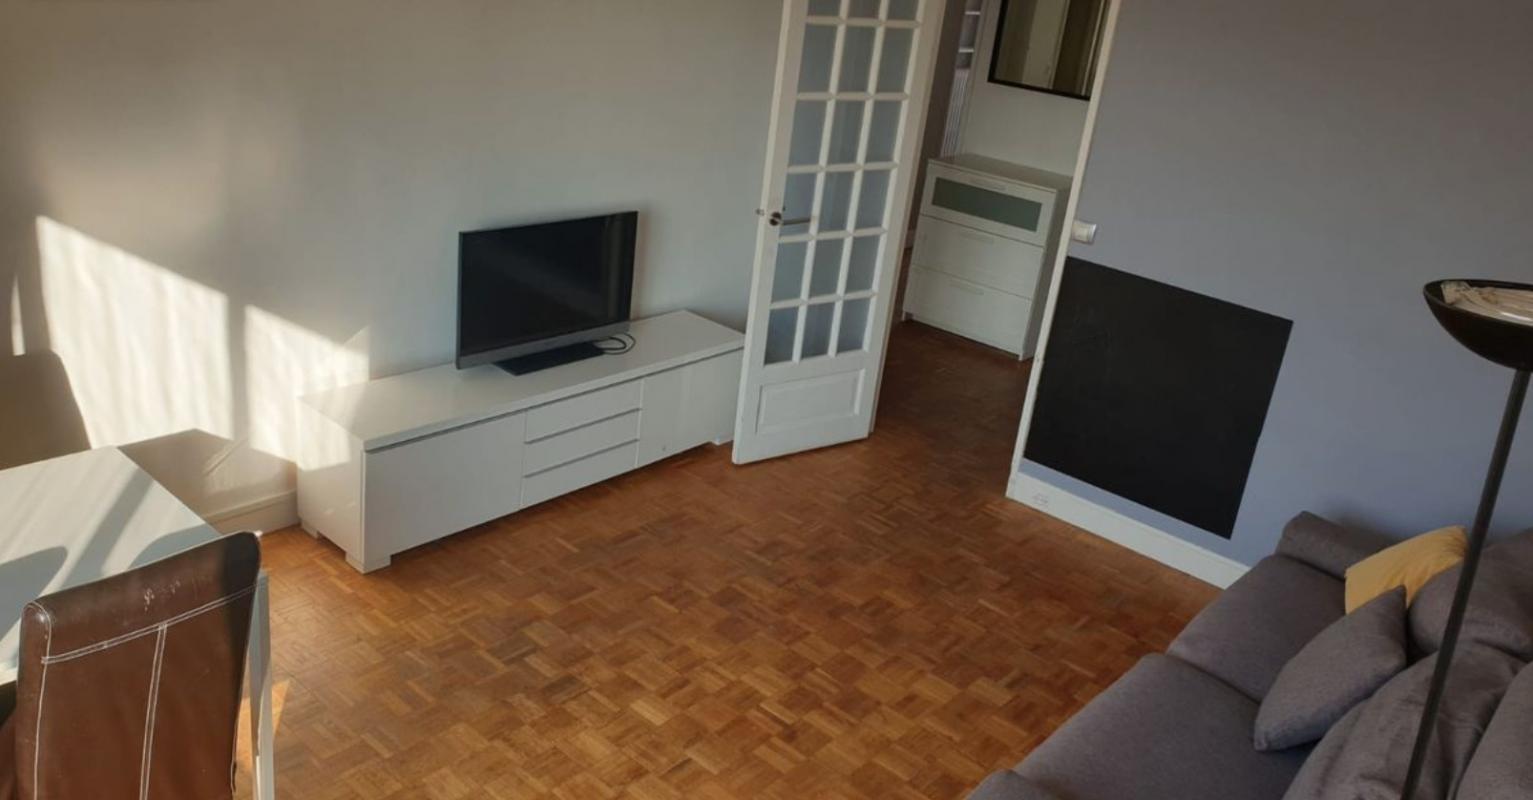 Appartement a louer boulogne-billancourt - 3 pièce(s) - 60 m2 - Surfyn